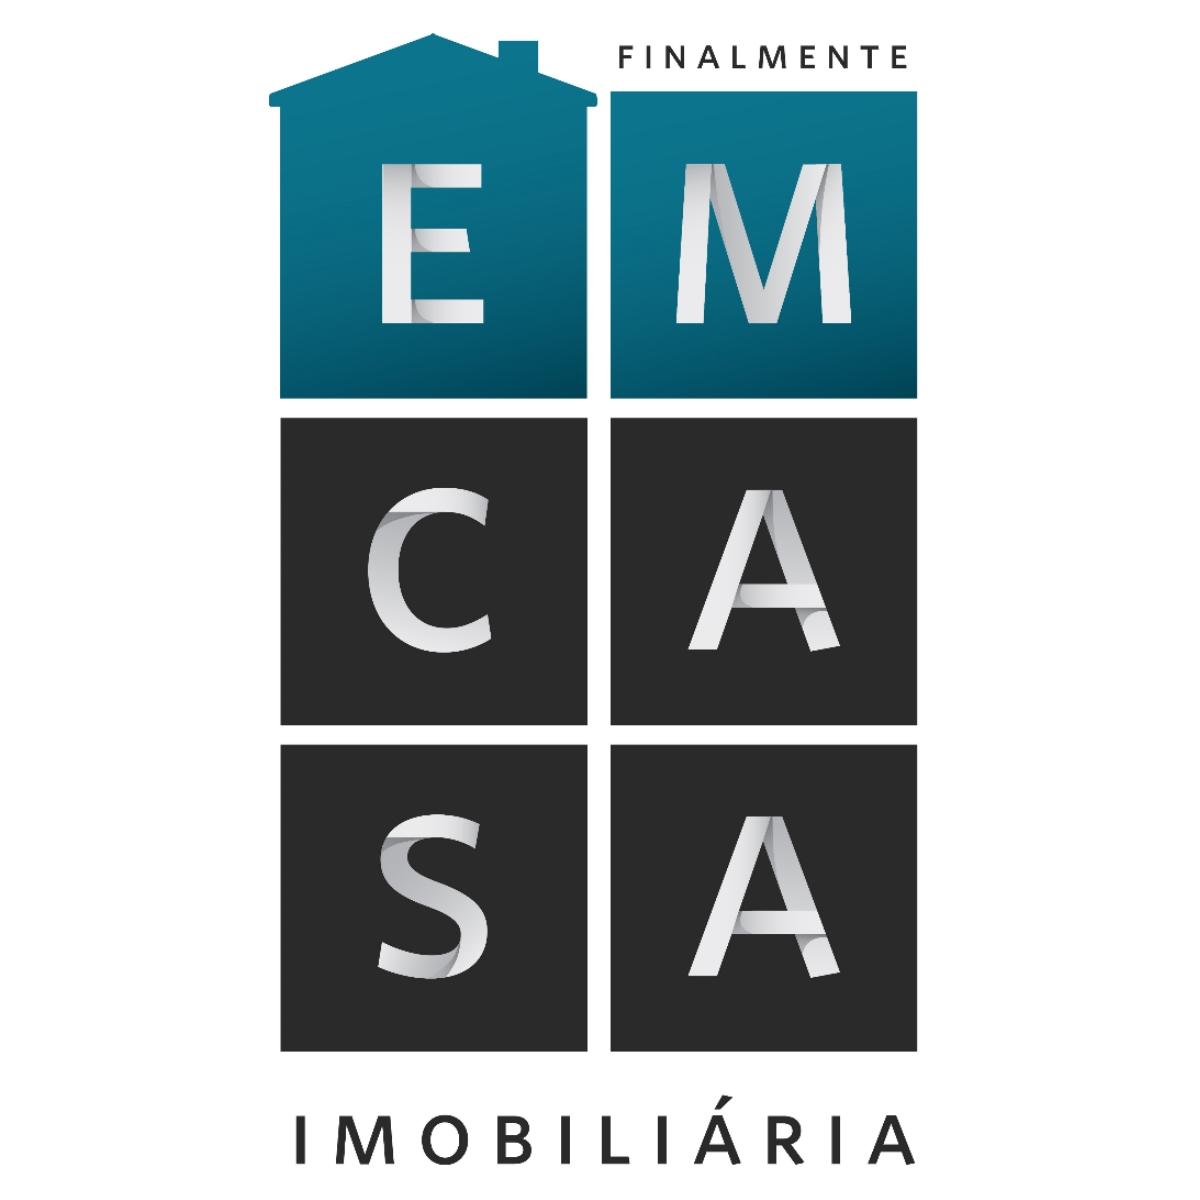 Finalmente em Casa, Soc. Mediação Imobiliária, Lda.